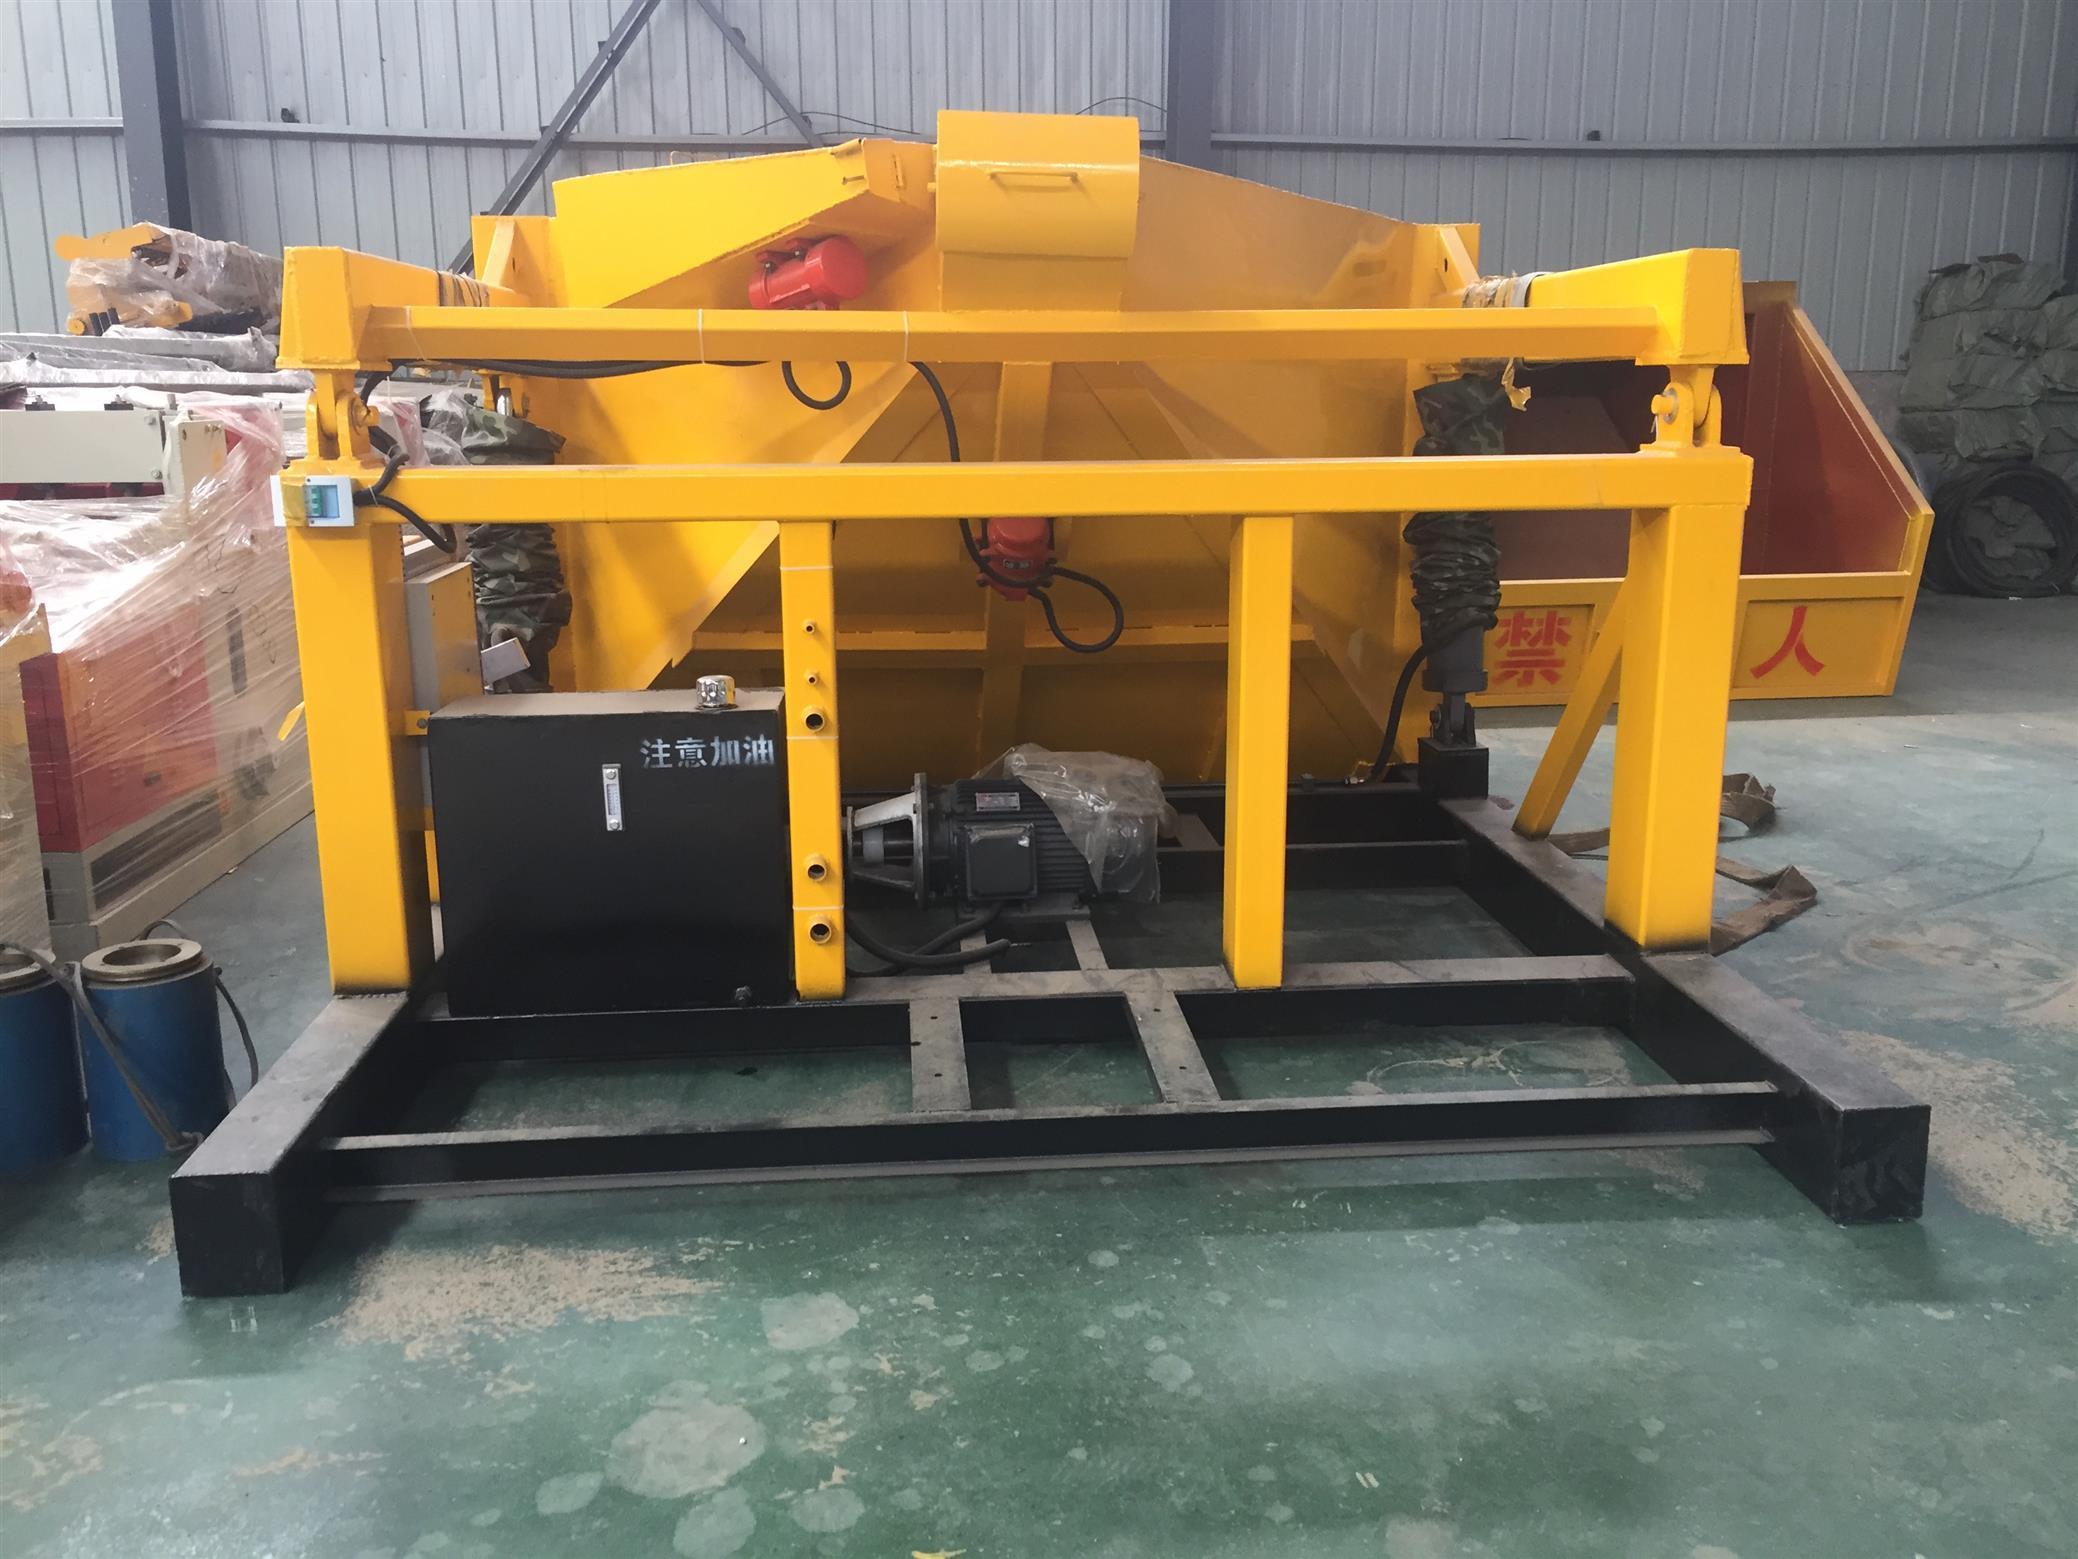 吊裝式噴漿機組 操作簡單 轉場靈活 延邊噴漿上料機組